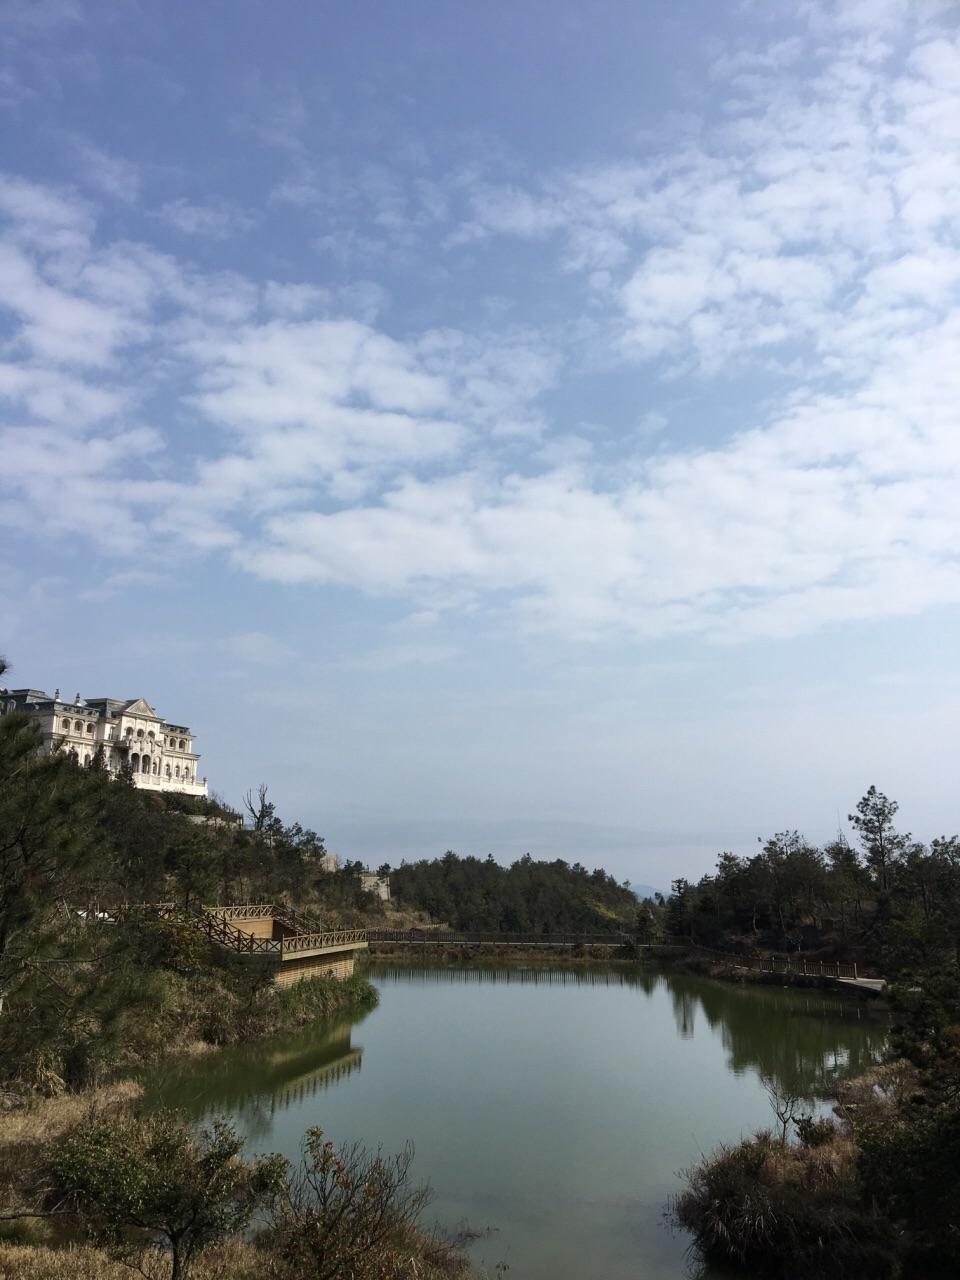 福州鼓嶺風景區好玩嗎,福州鼓嶺風景區景點怎么樣